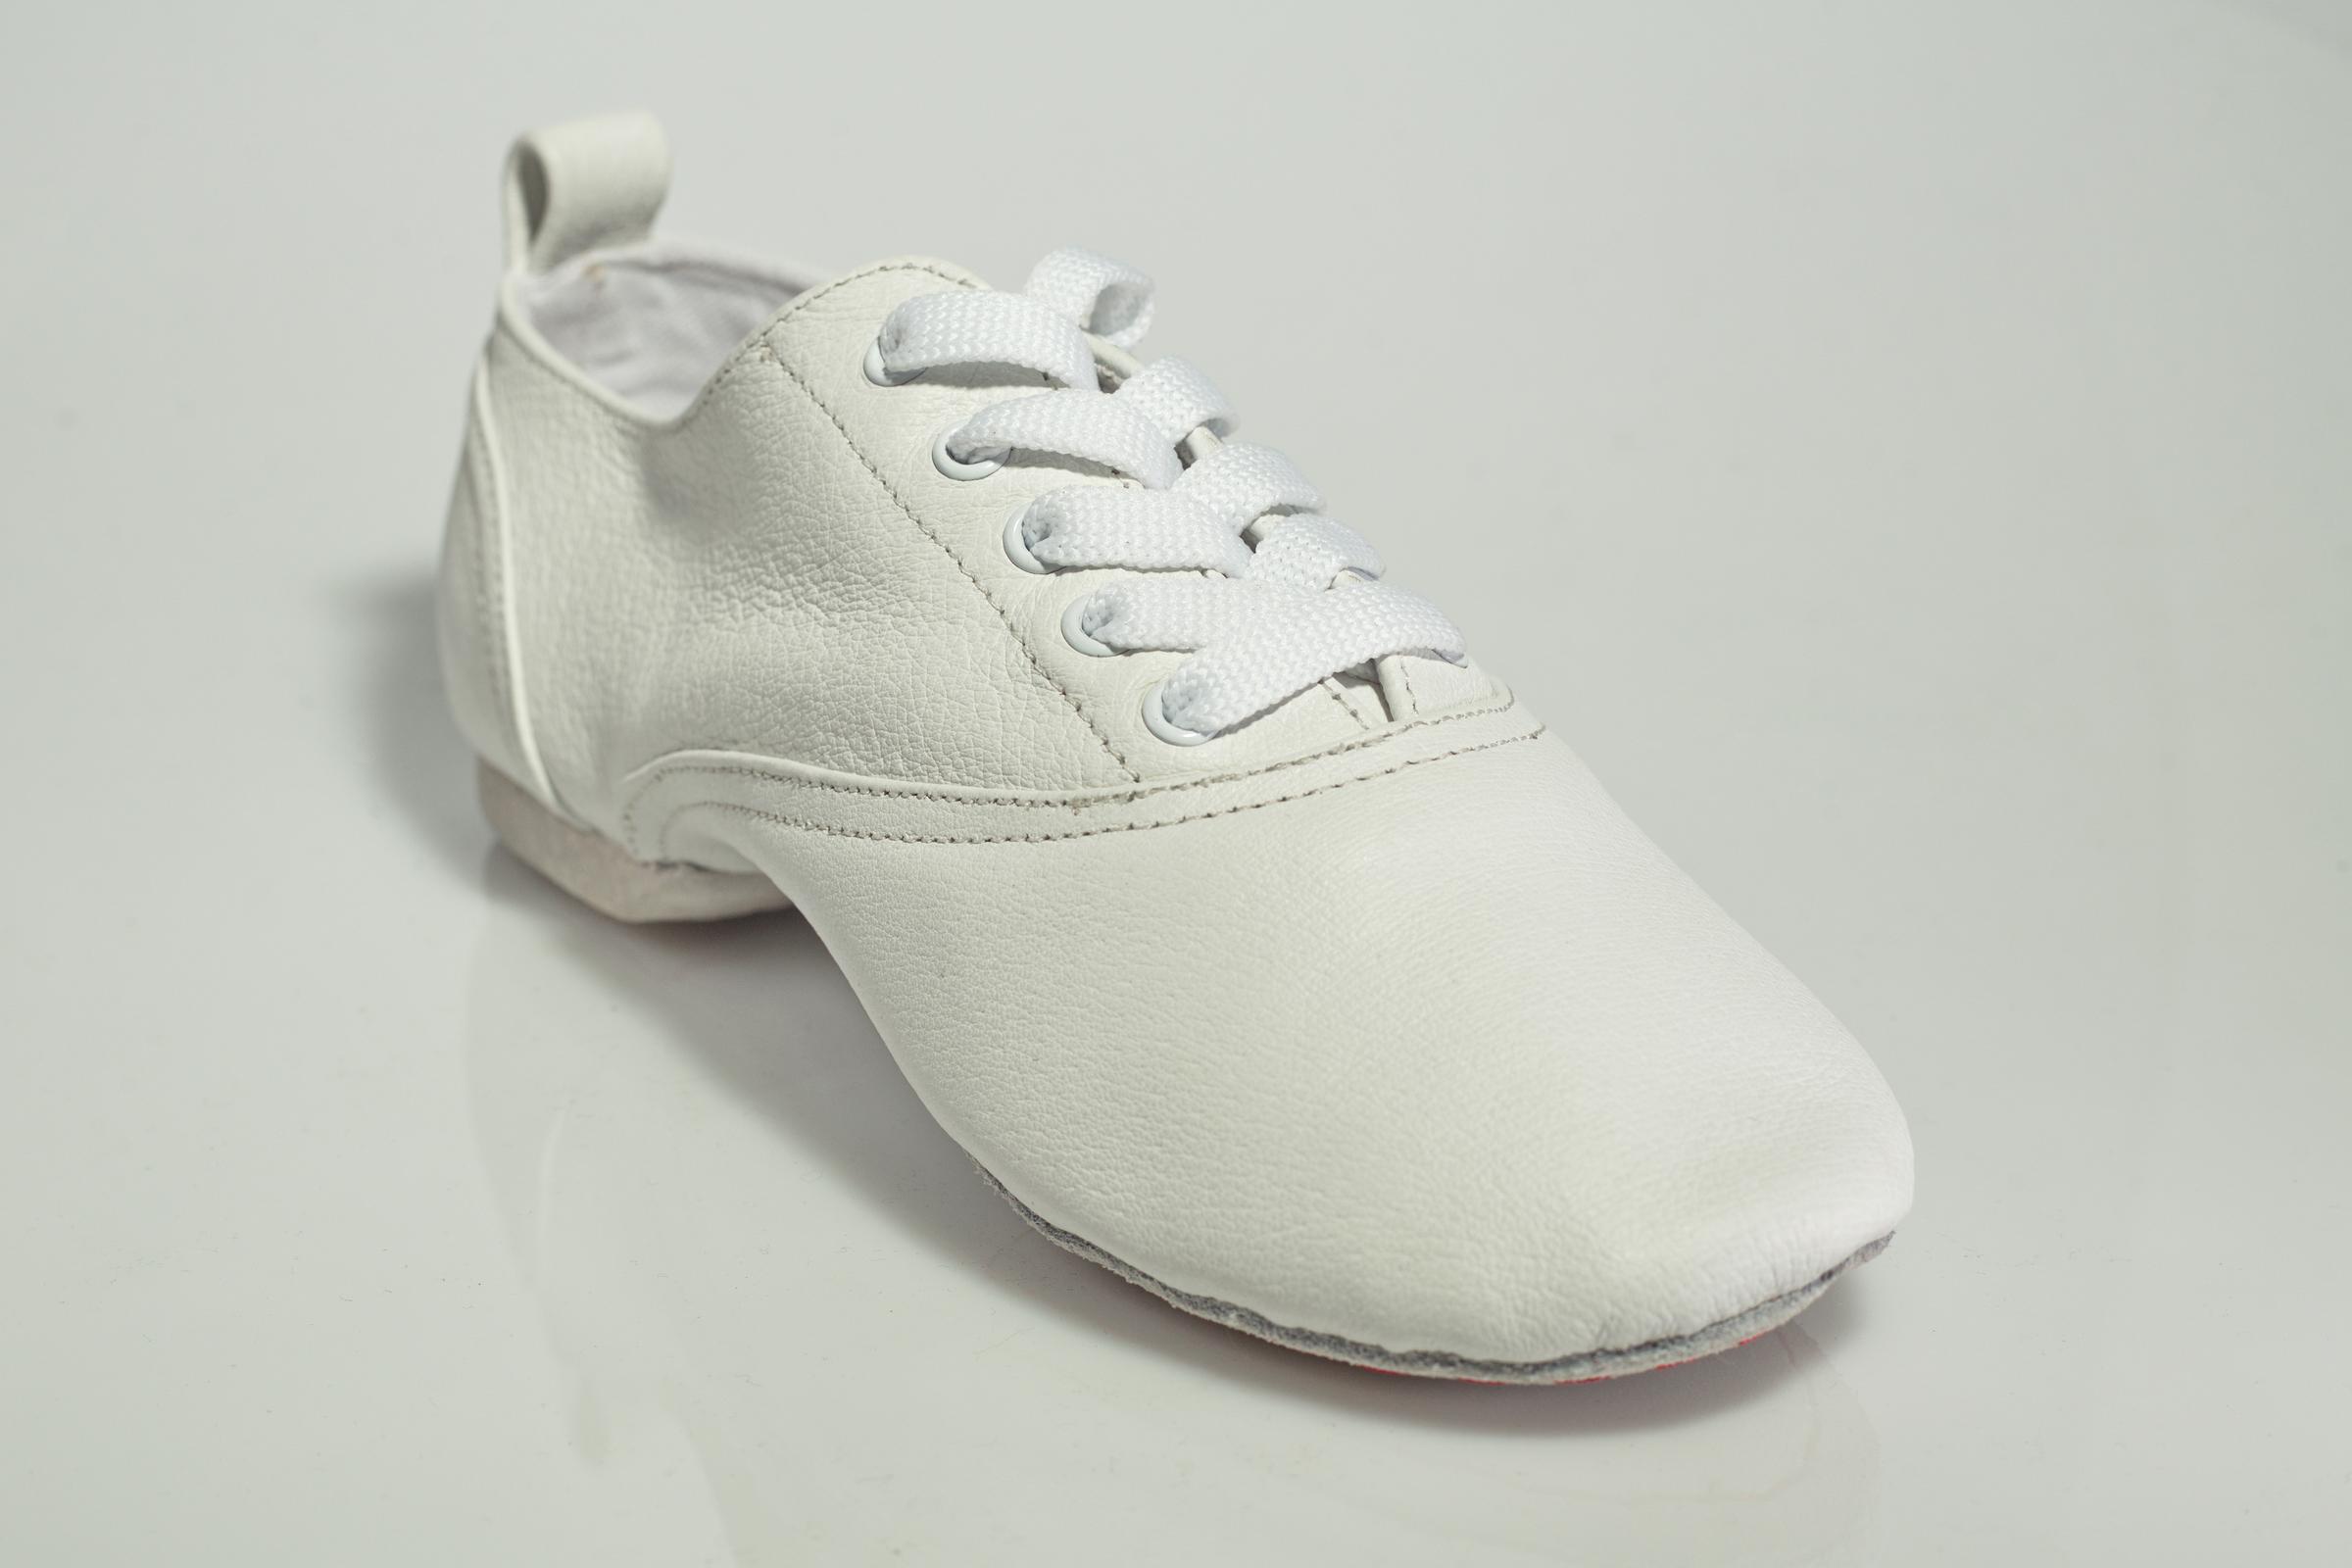 נעלי ג'אז סופט לגברים ולנשים